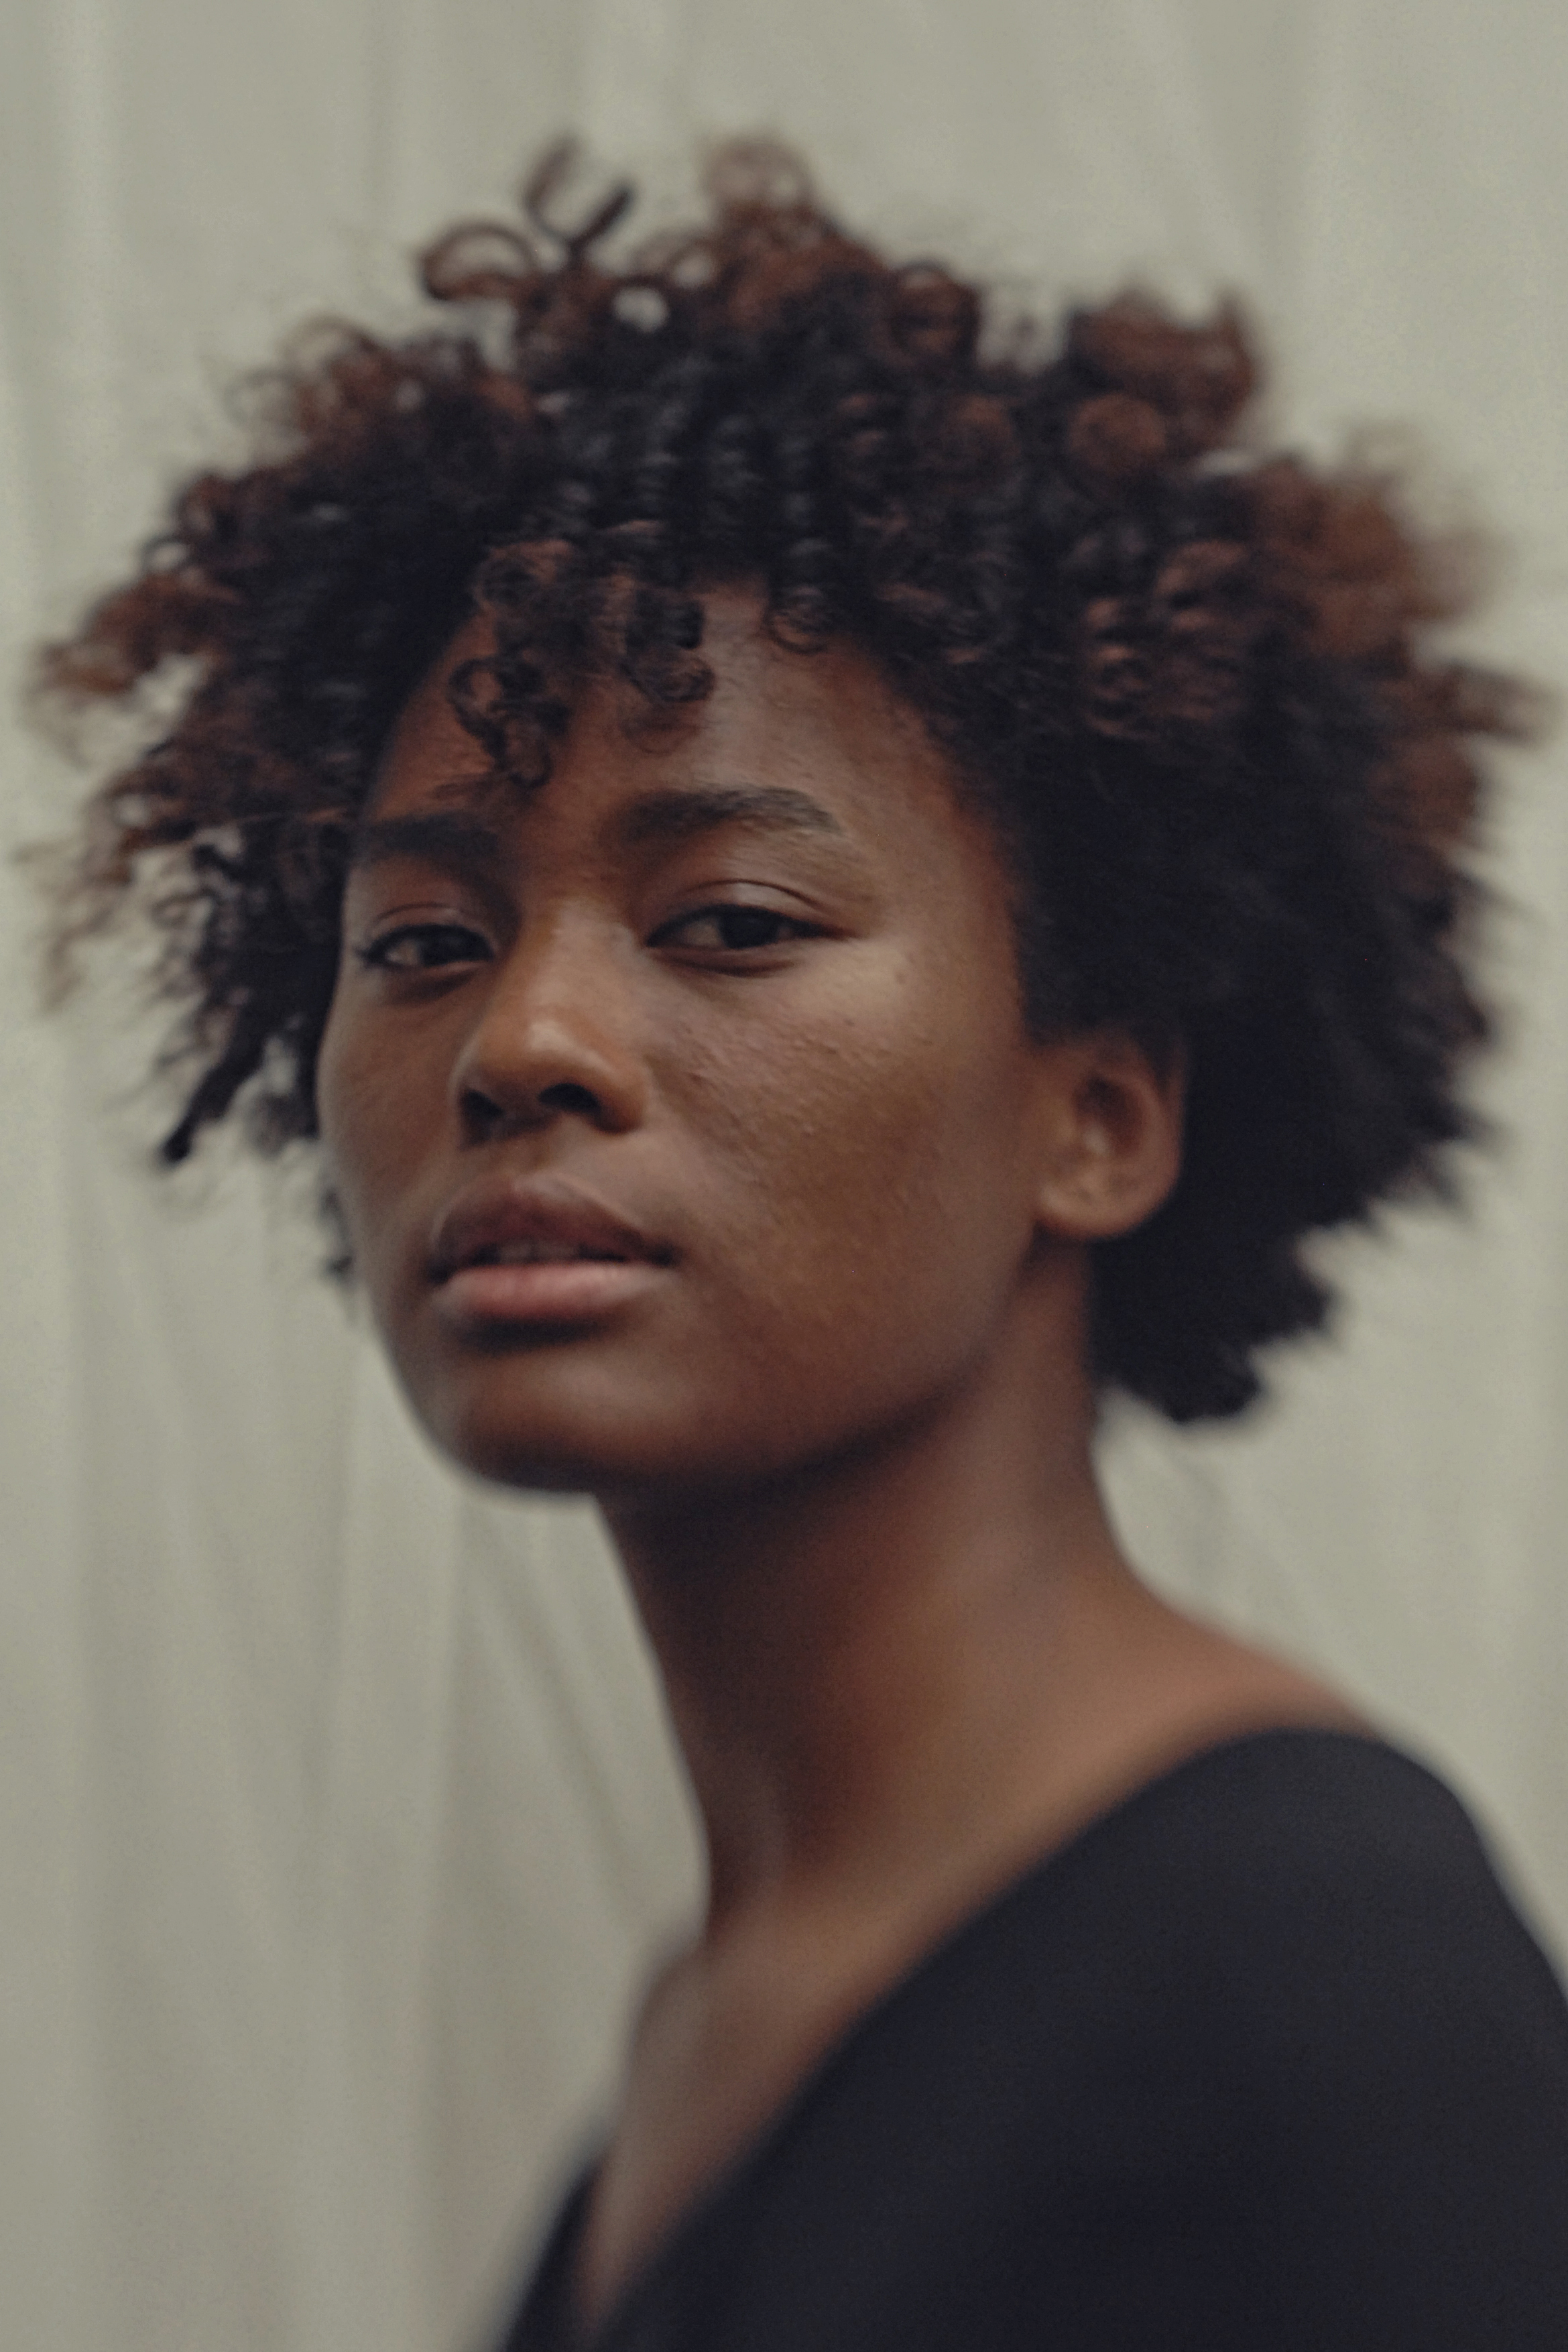 Untitled Portrait 6 by Bashir.jpg